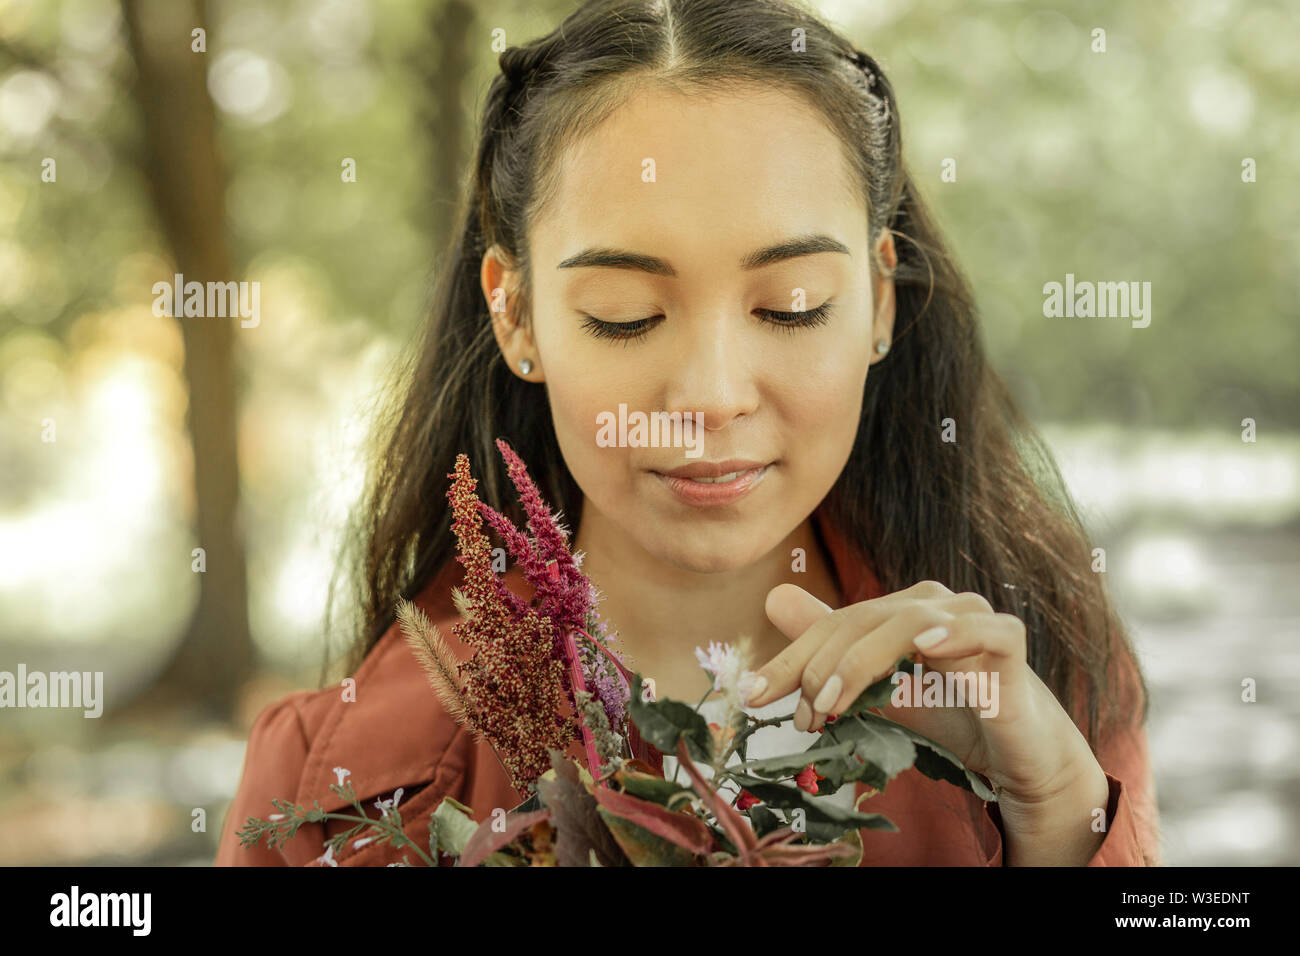 Le plaisir de belles fleurs de printemps d'observation doucement fille Photo Stock